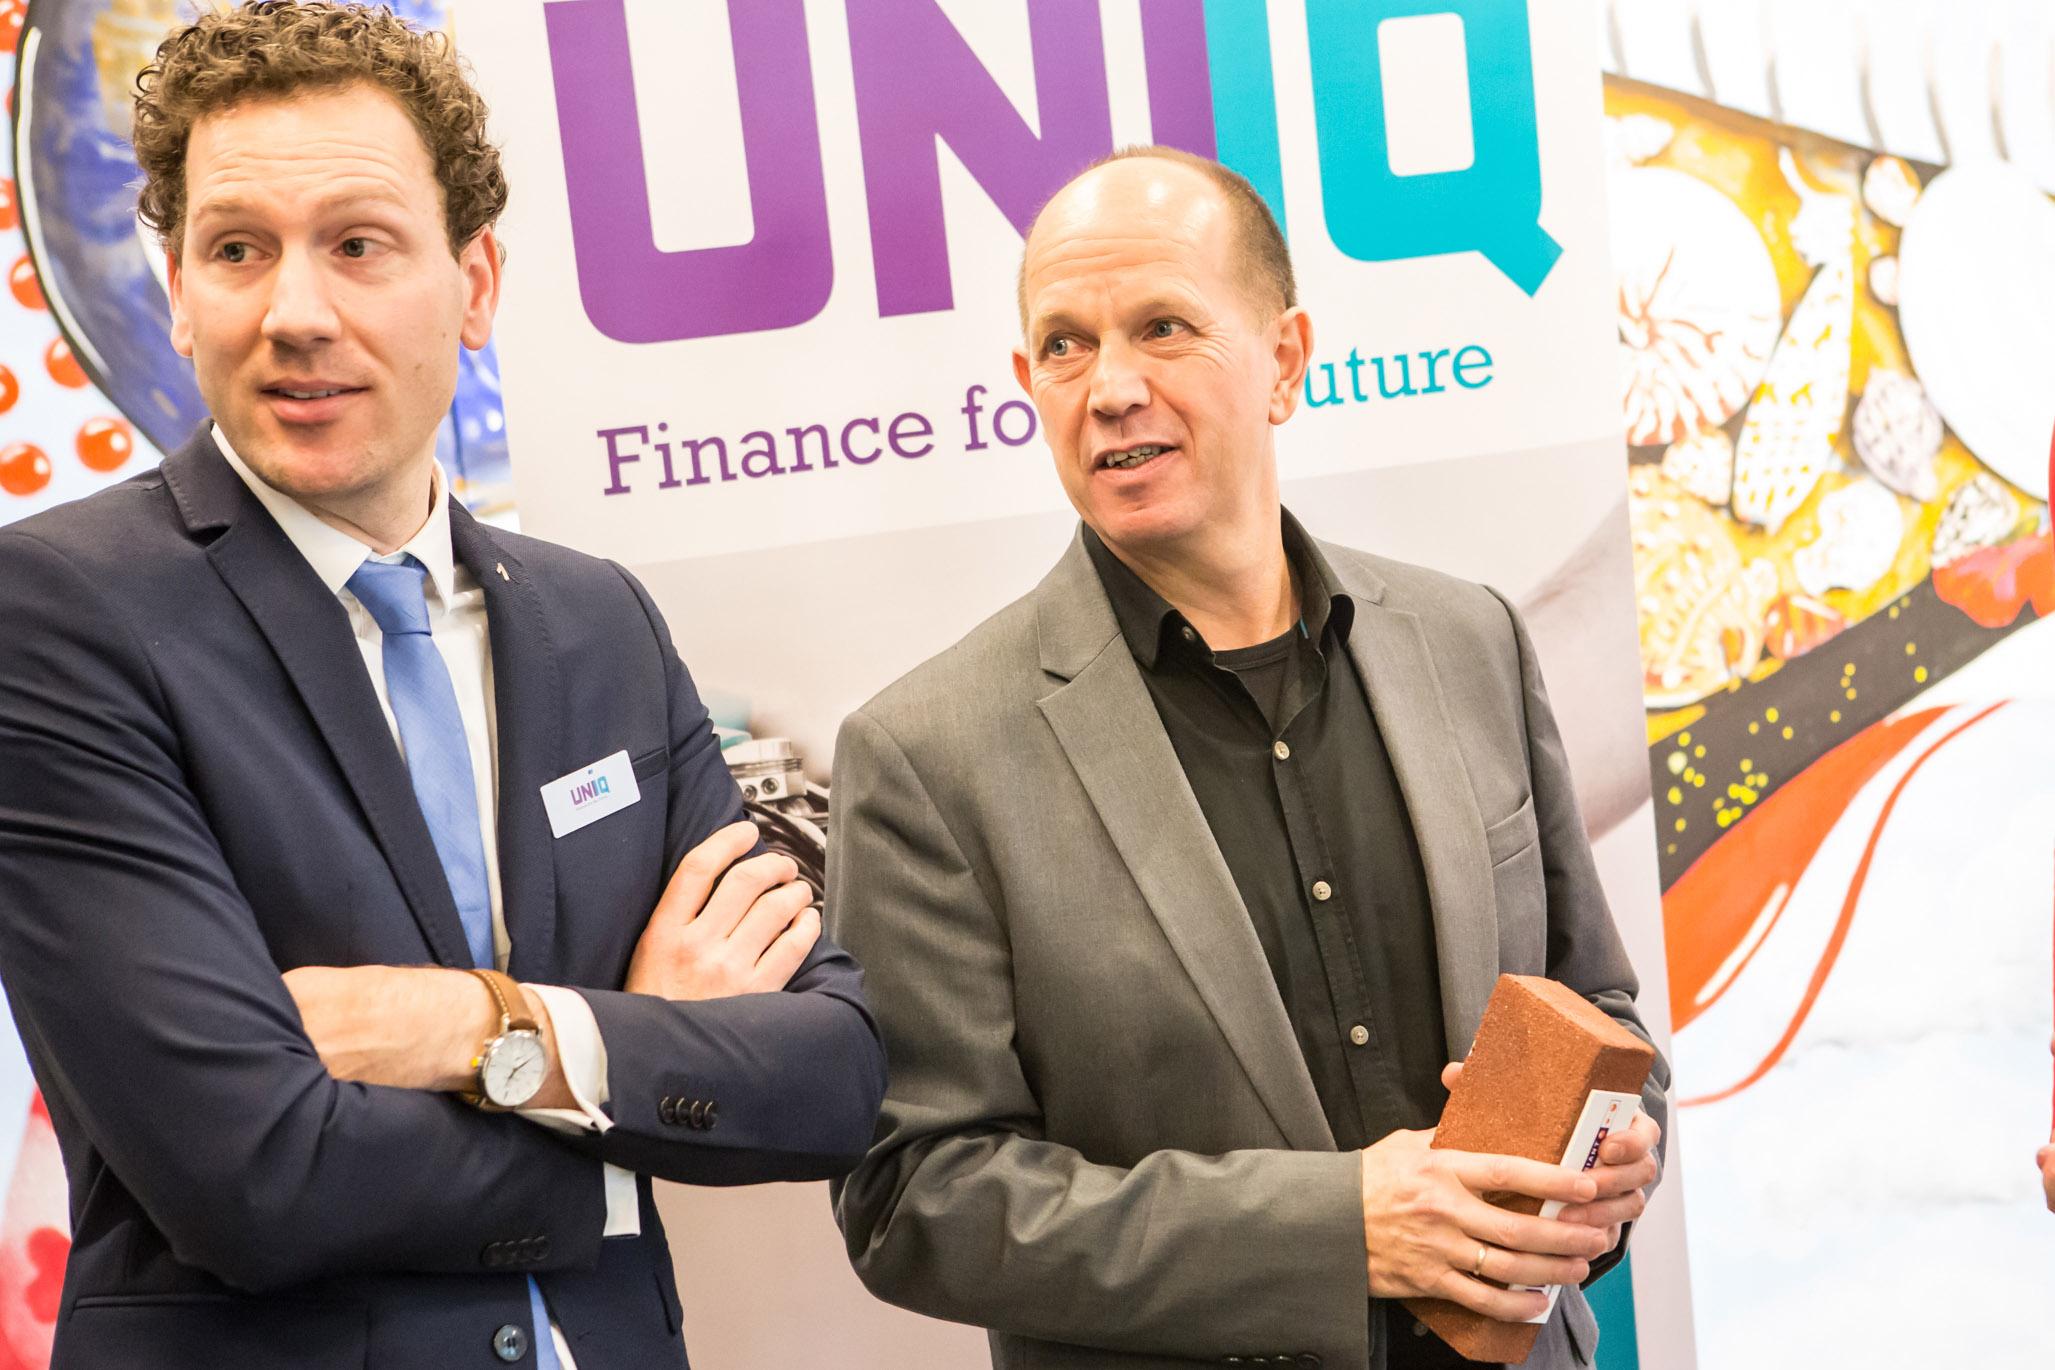 UNIIQ investeert in Fibriant productieplatform recombinant fibrinogeen